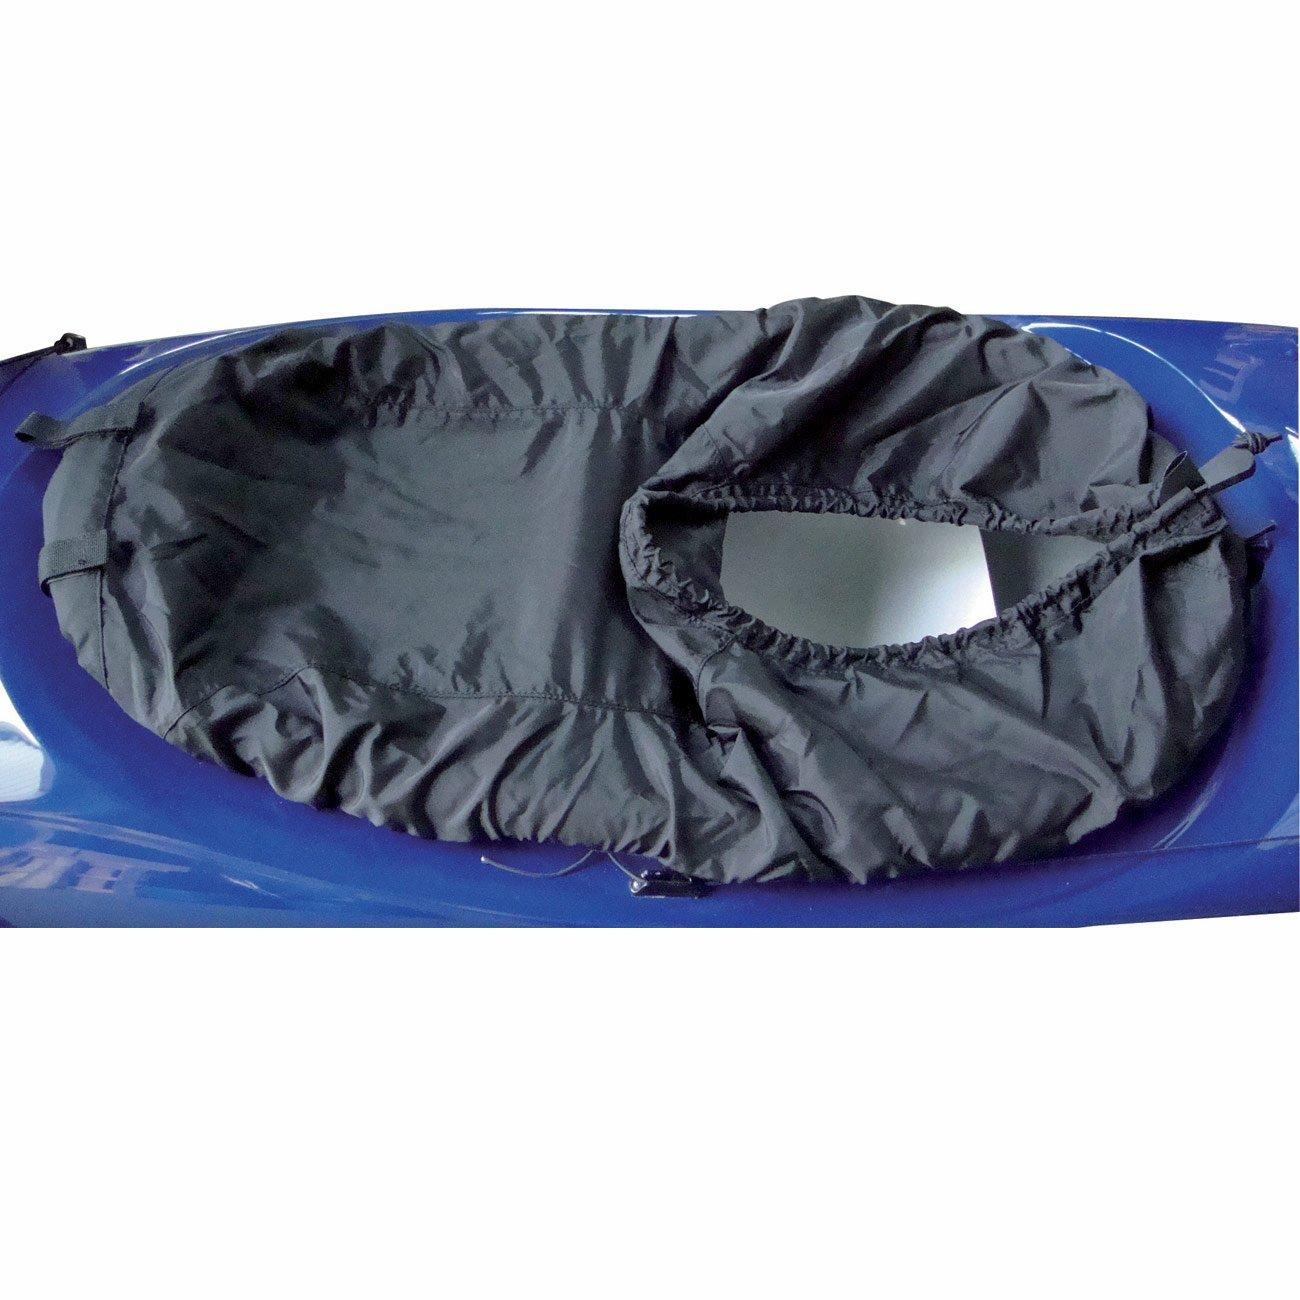 ec9b5215b22ec7 24ocean Jupe Kayak Anti-éclaboussures Taille hiloire env. 190 cm ...